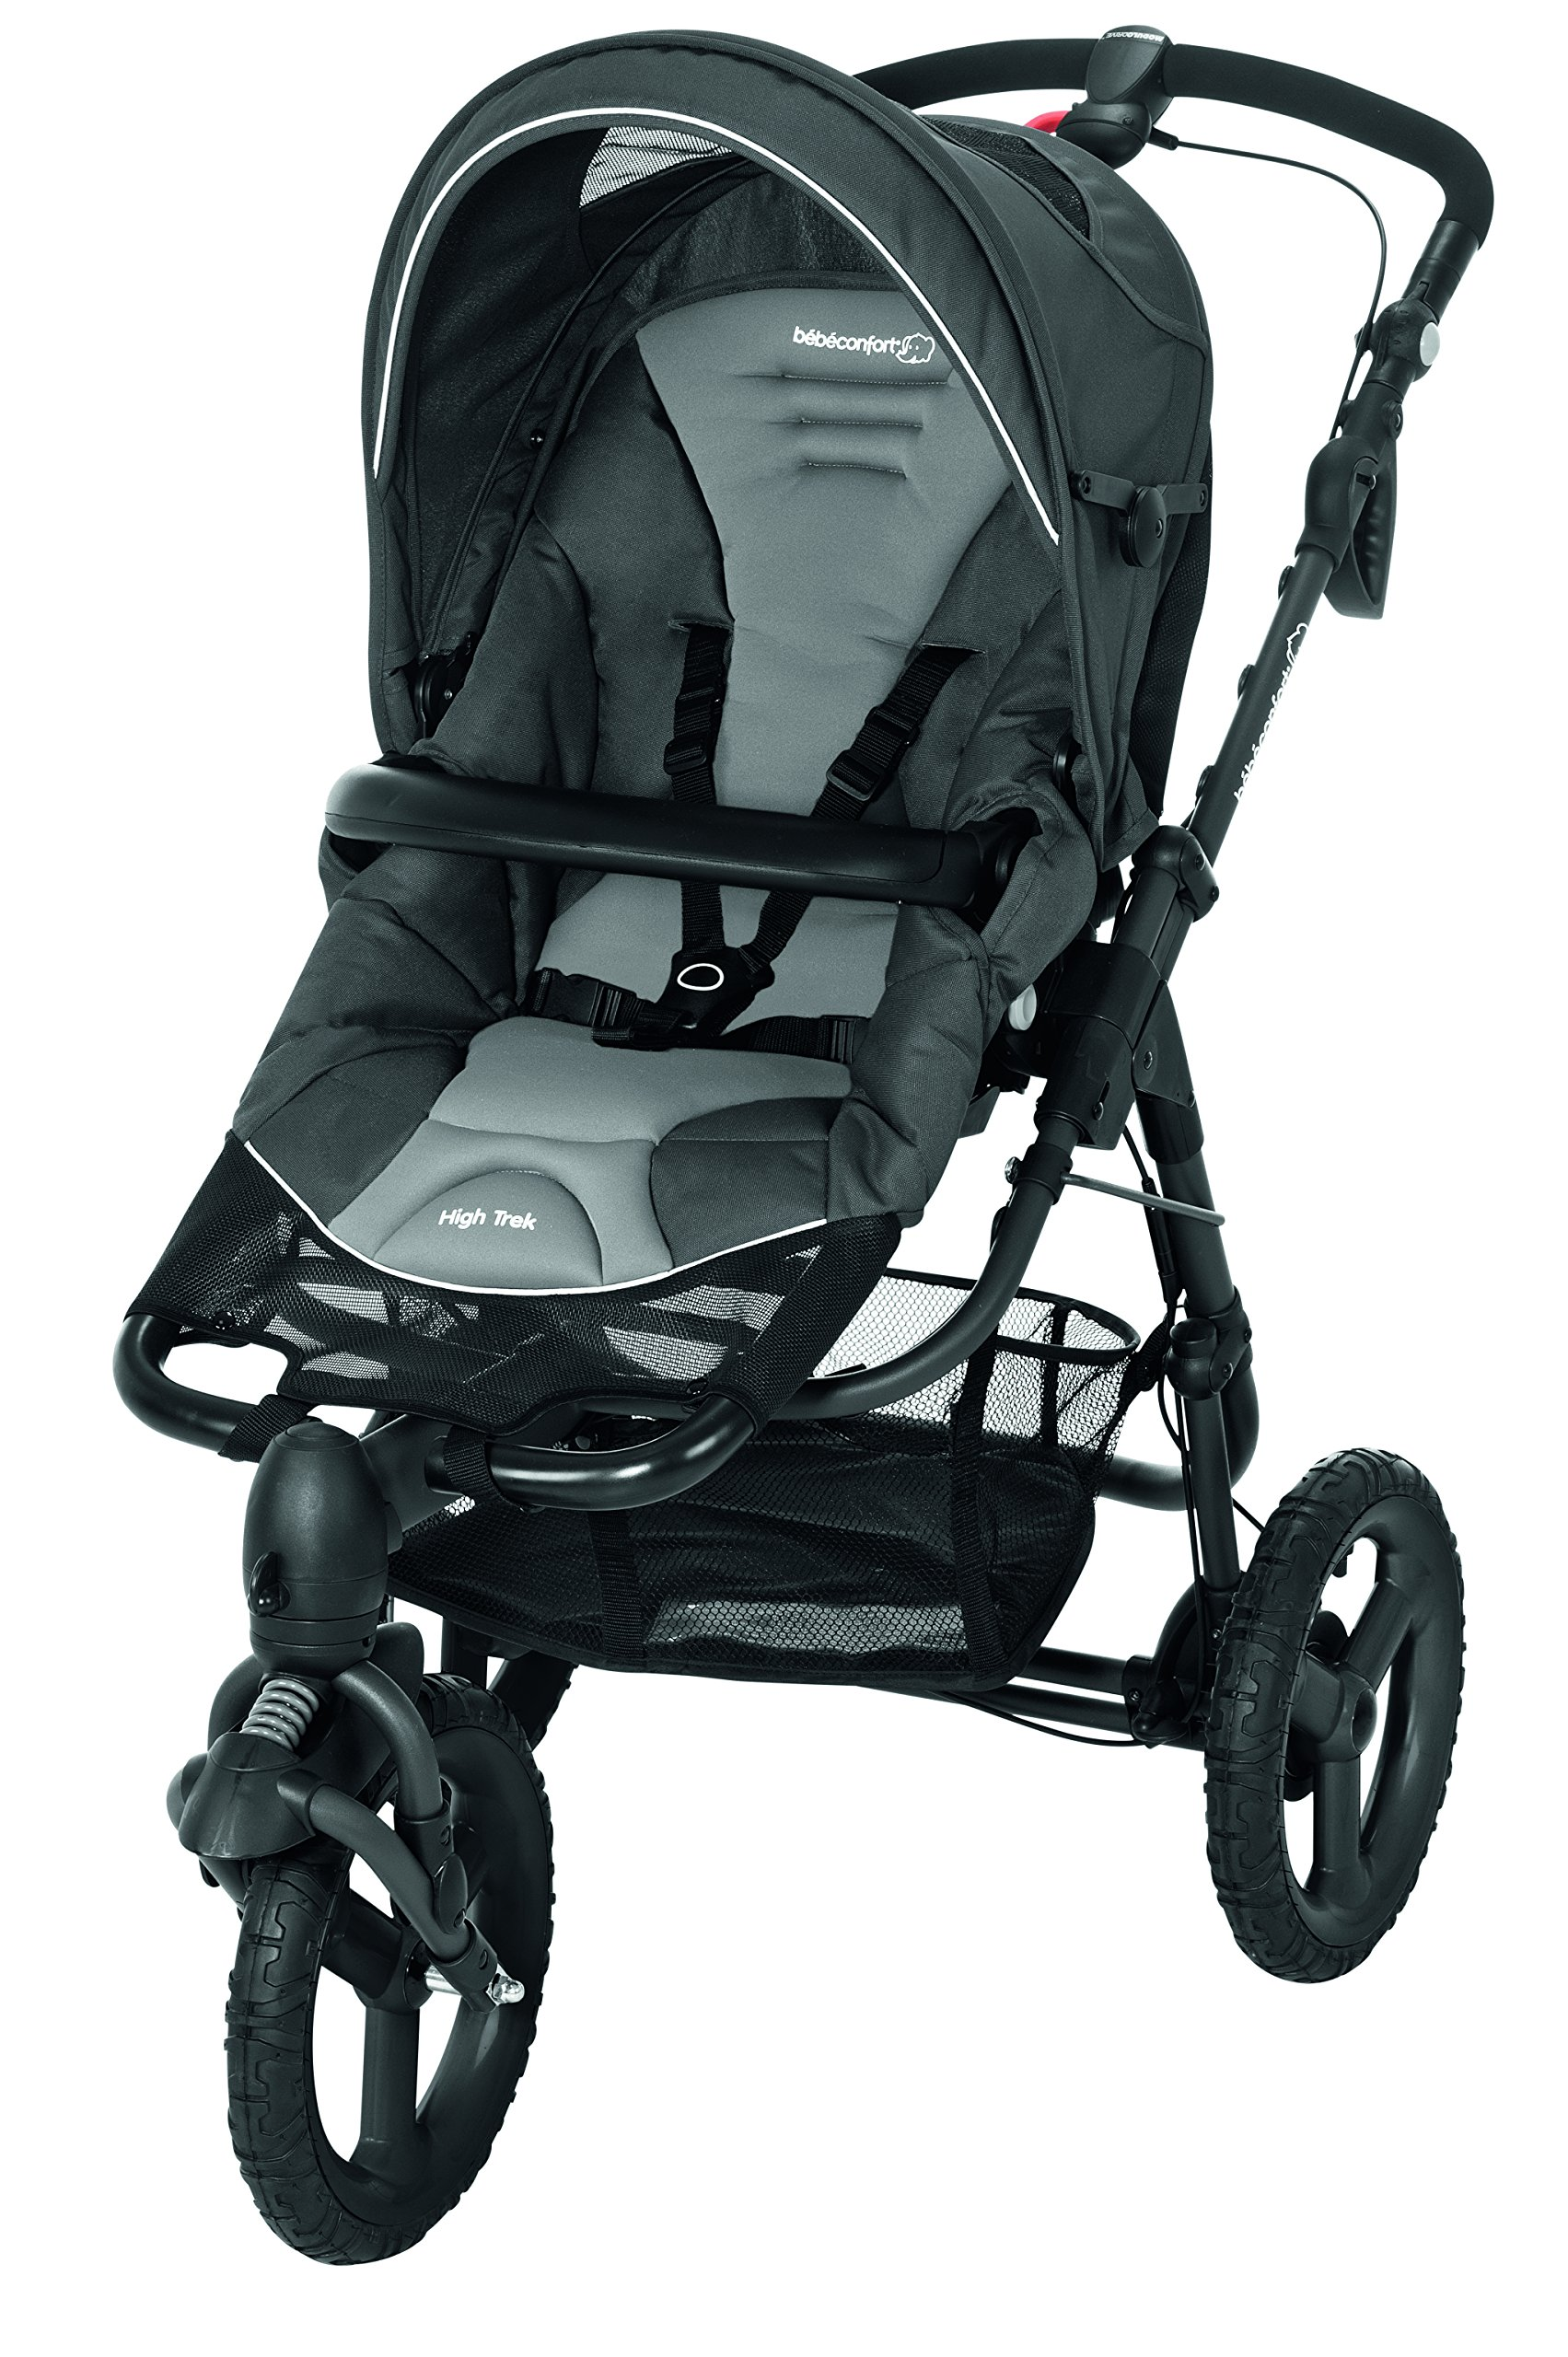 Bébé Confort Poussette 3 Roues High Trek Tout-terrain - Naissance à 15 Kgs - Concrete Grey product image